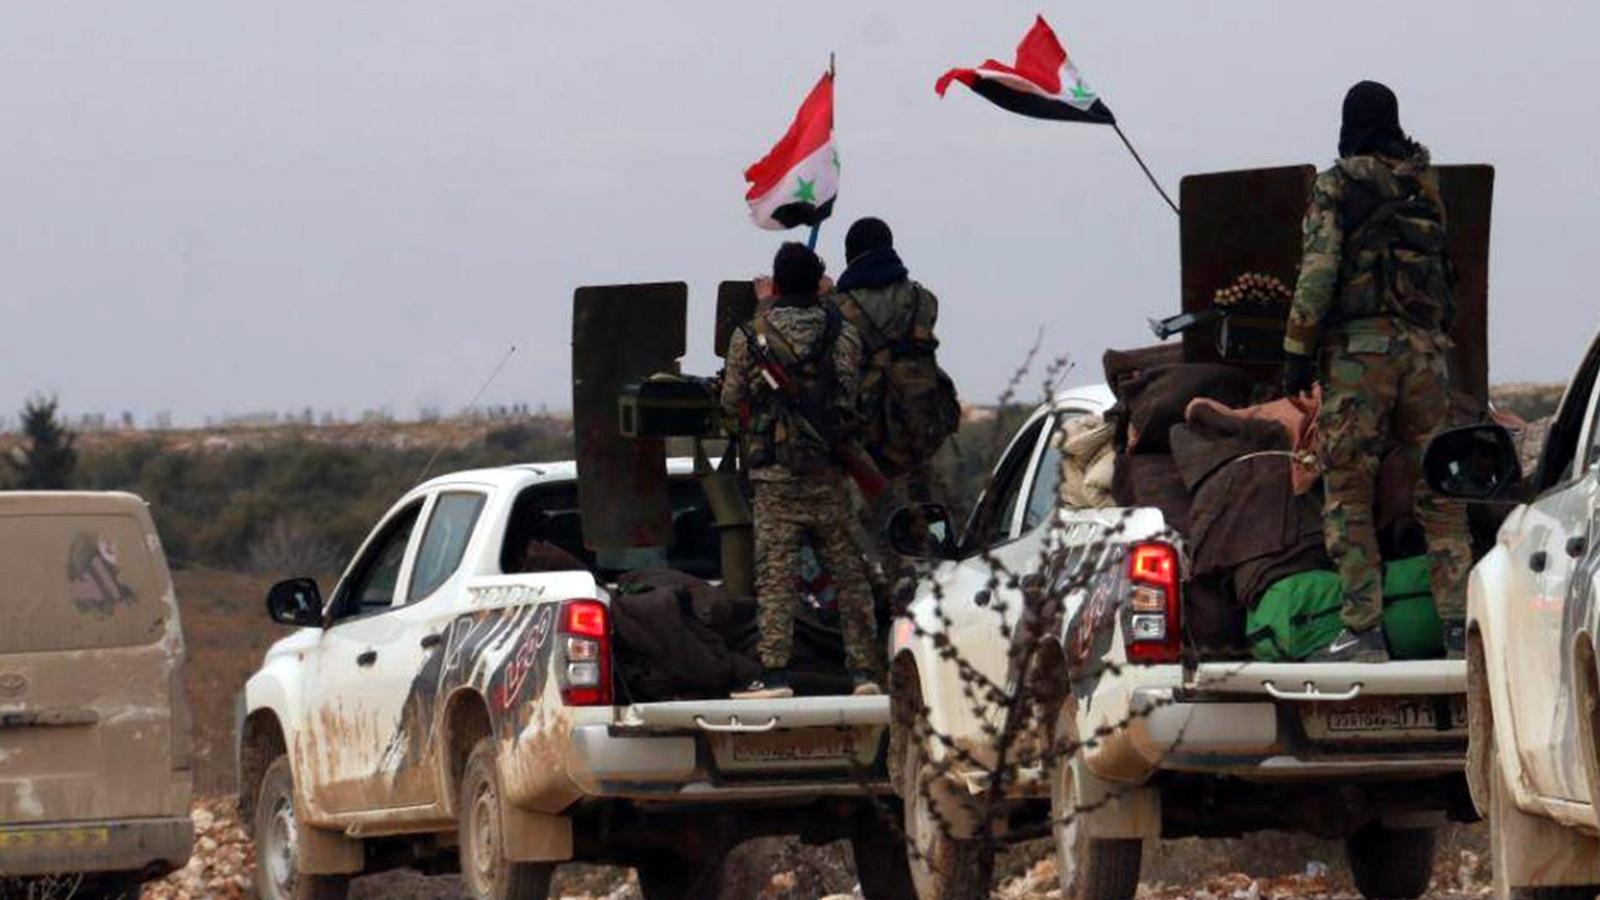 ما حقيقة سحب النظام لأرتال عسكرية من جبهة سراقب ومحاولة التقدم في جبل الزاوية